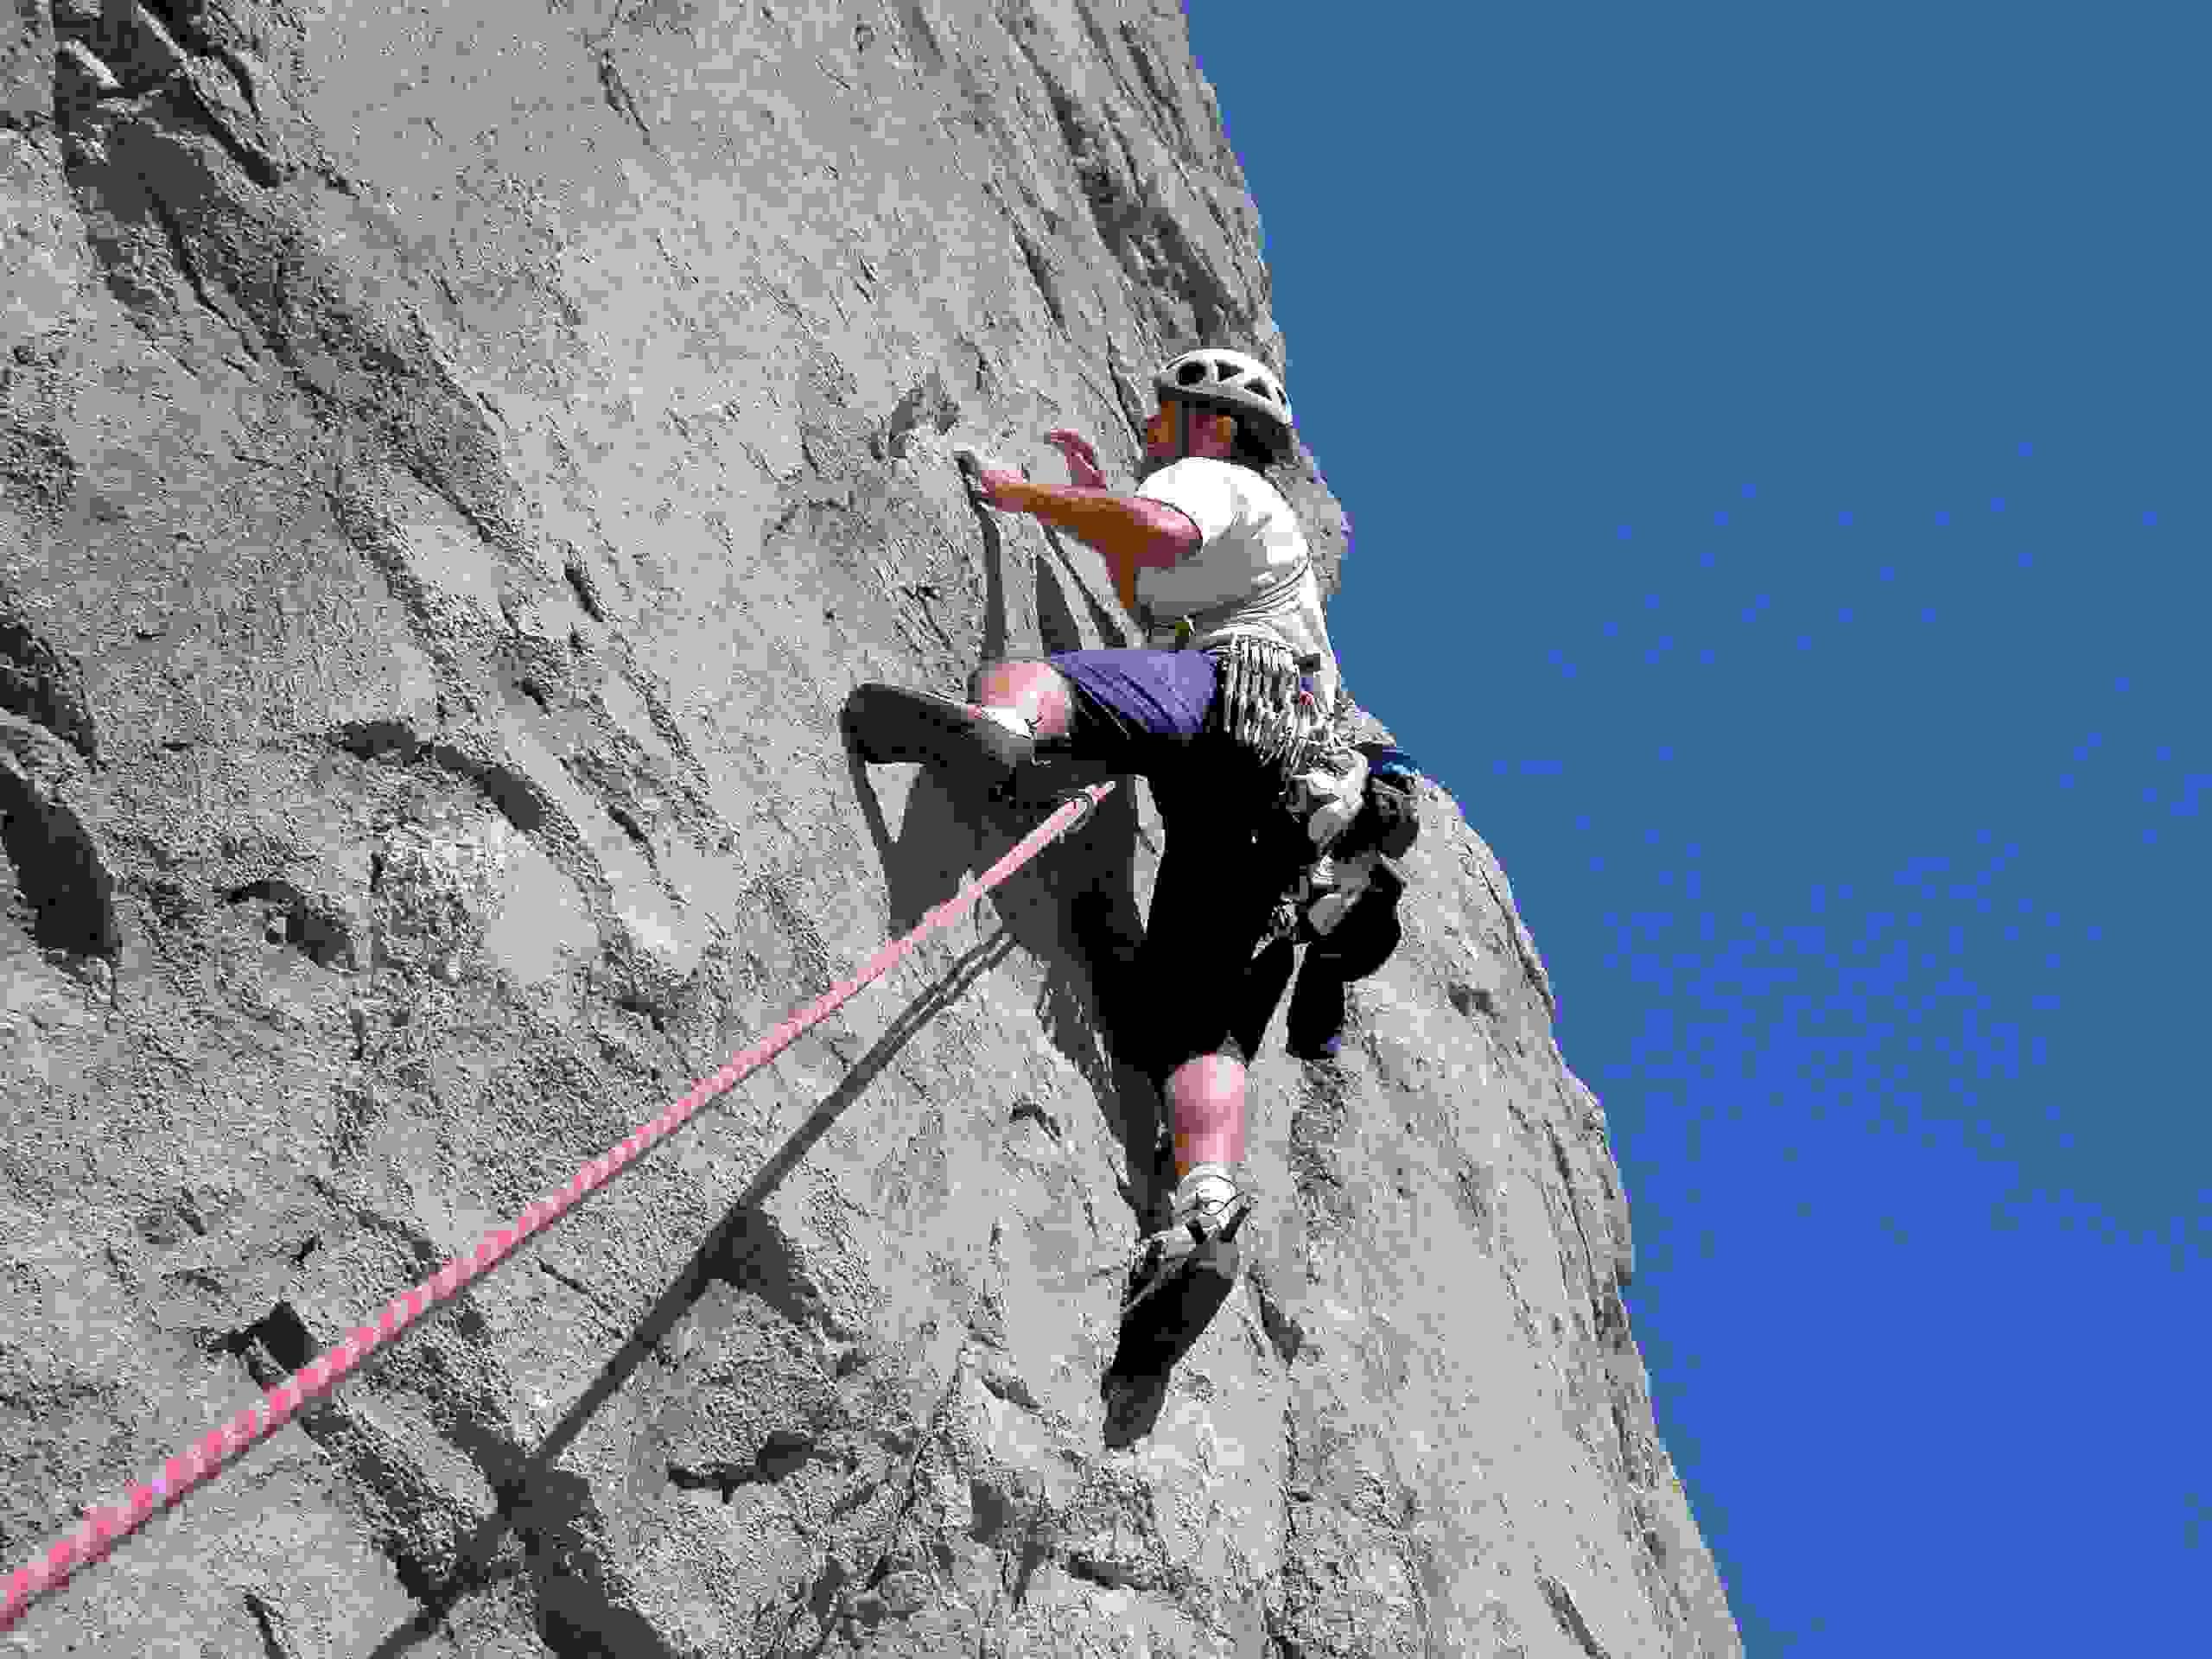 Foto: Kühberger Rudolf / Kletter Tour / Der wahre Kletterwahnsinn VIII+ / 7.Sl.  Tolle Wandkletterei mit weit auseinanderl iegenden Löchern und Schlitzen  / 05.03.2007 15:50:16